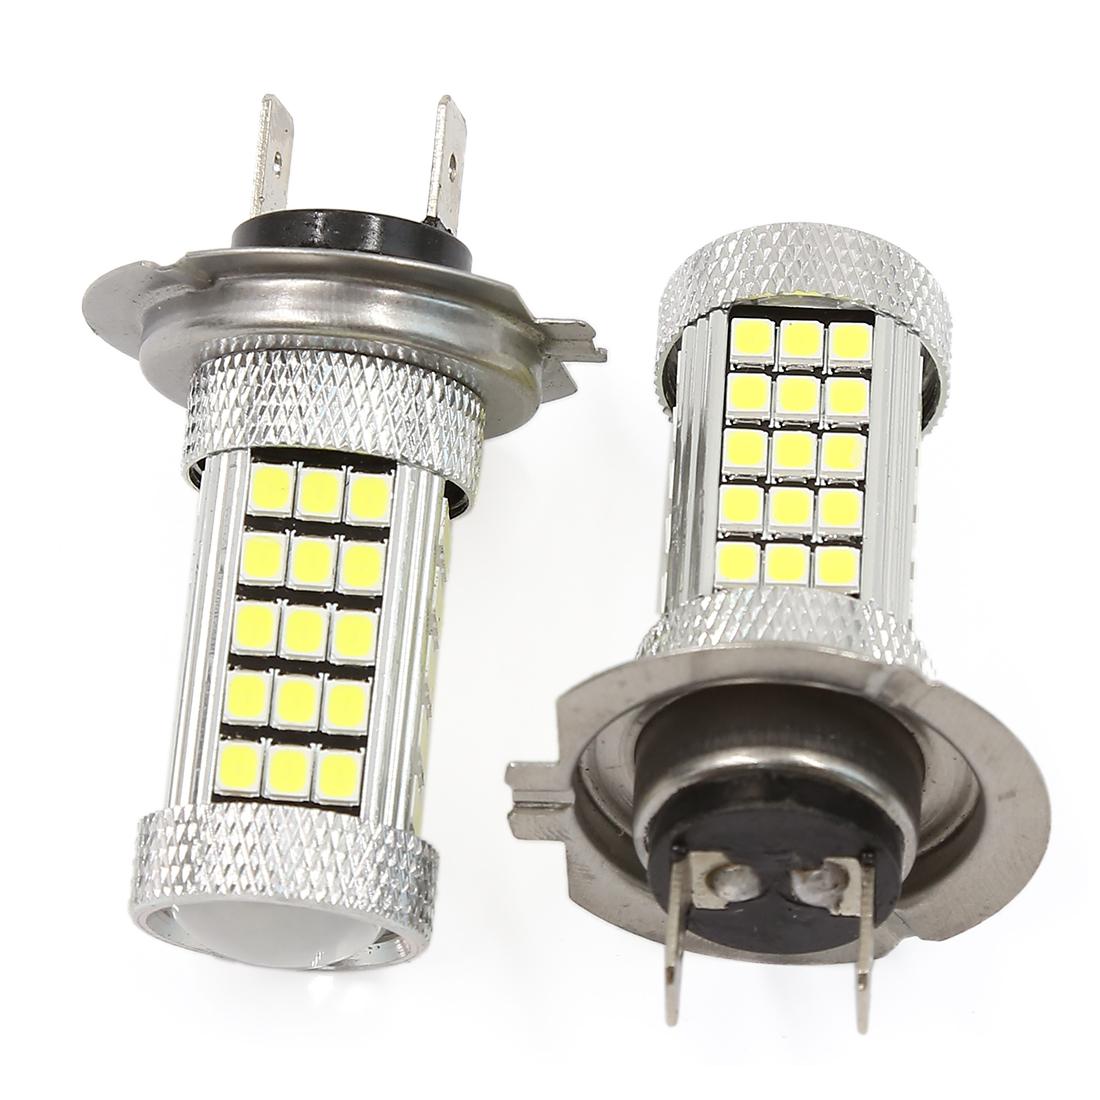 2 Pcs H7 White 63-LEDs 2835 SMD Fog Driving DRL Light Bulbs DC 12V for Car